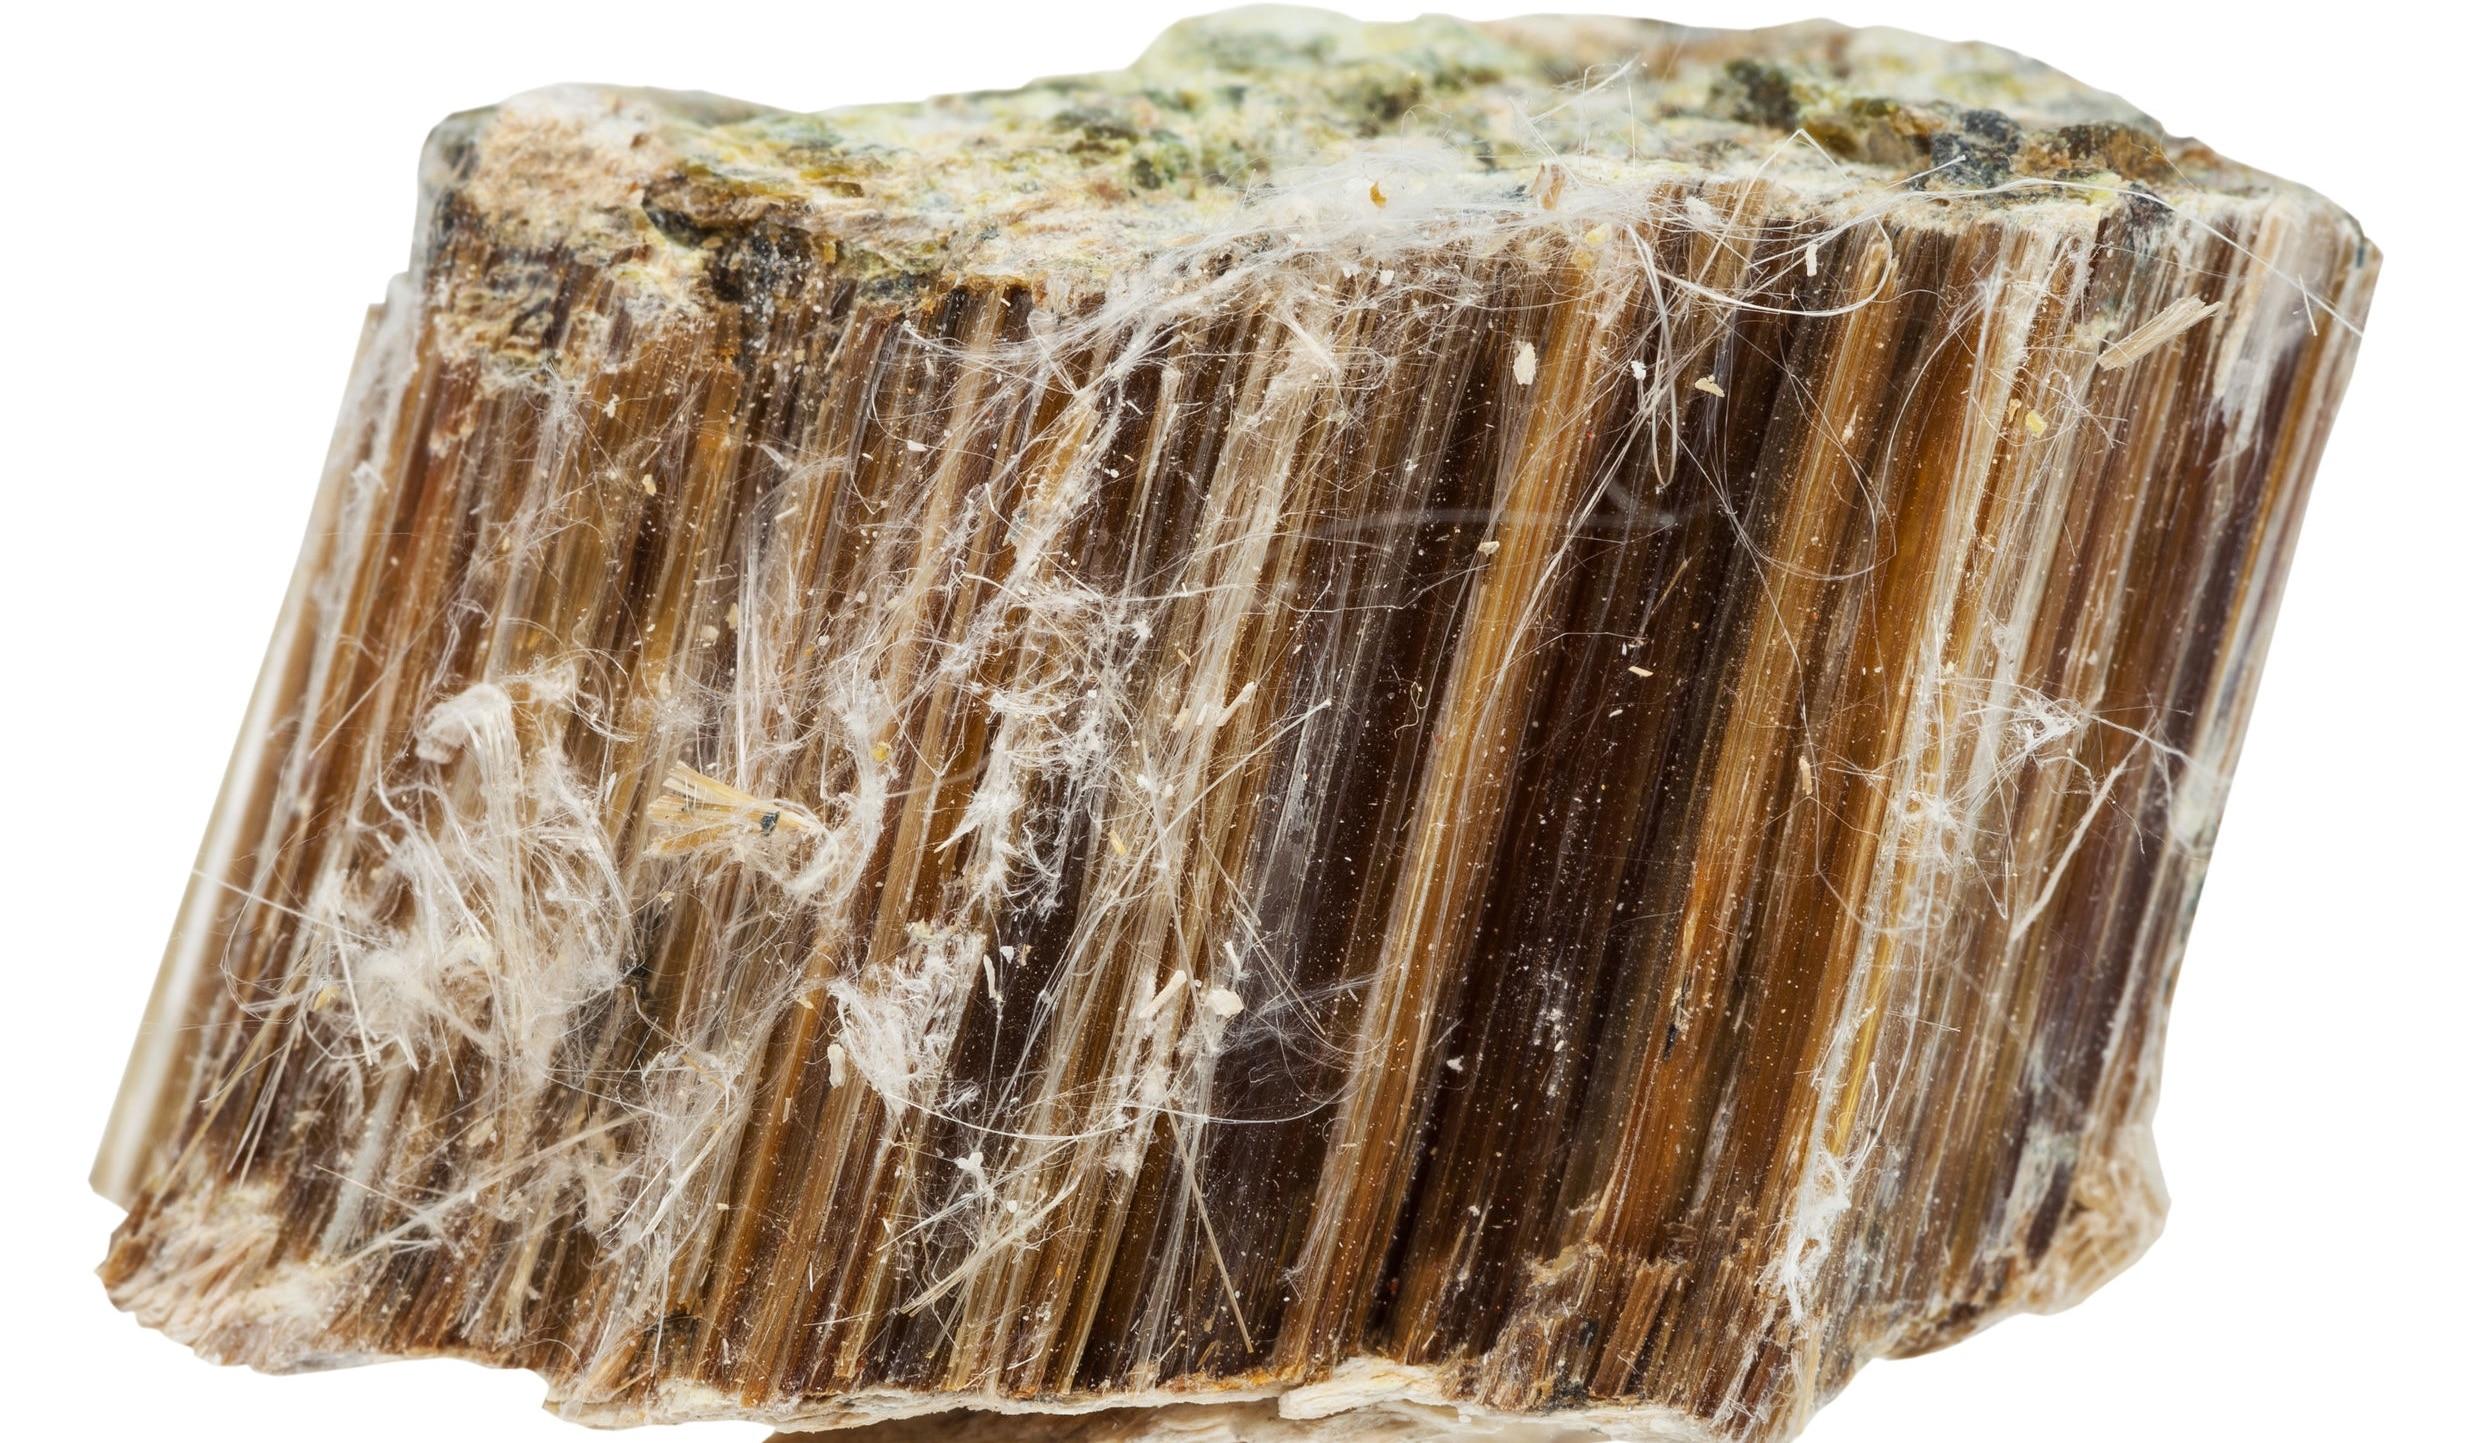 Large Asbestos Specimen